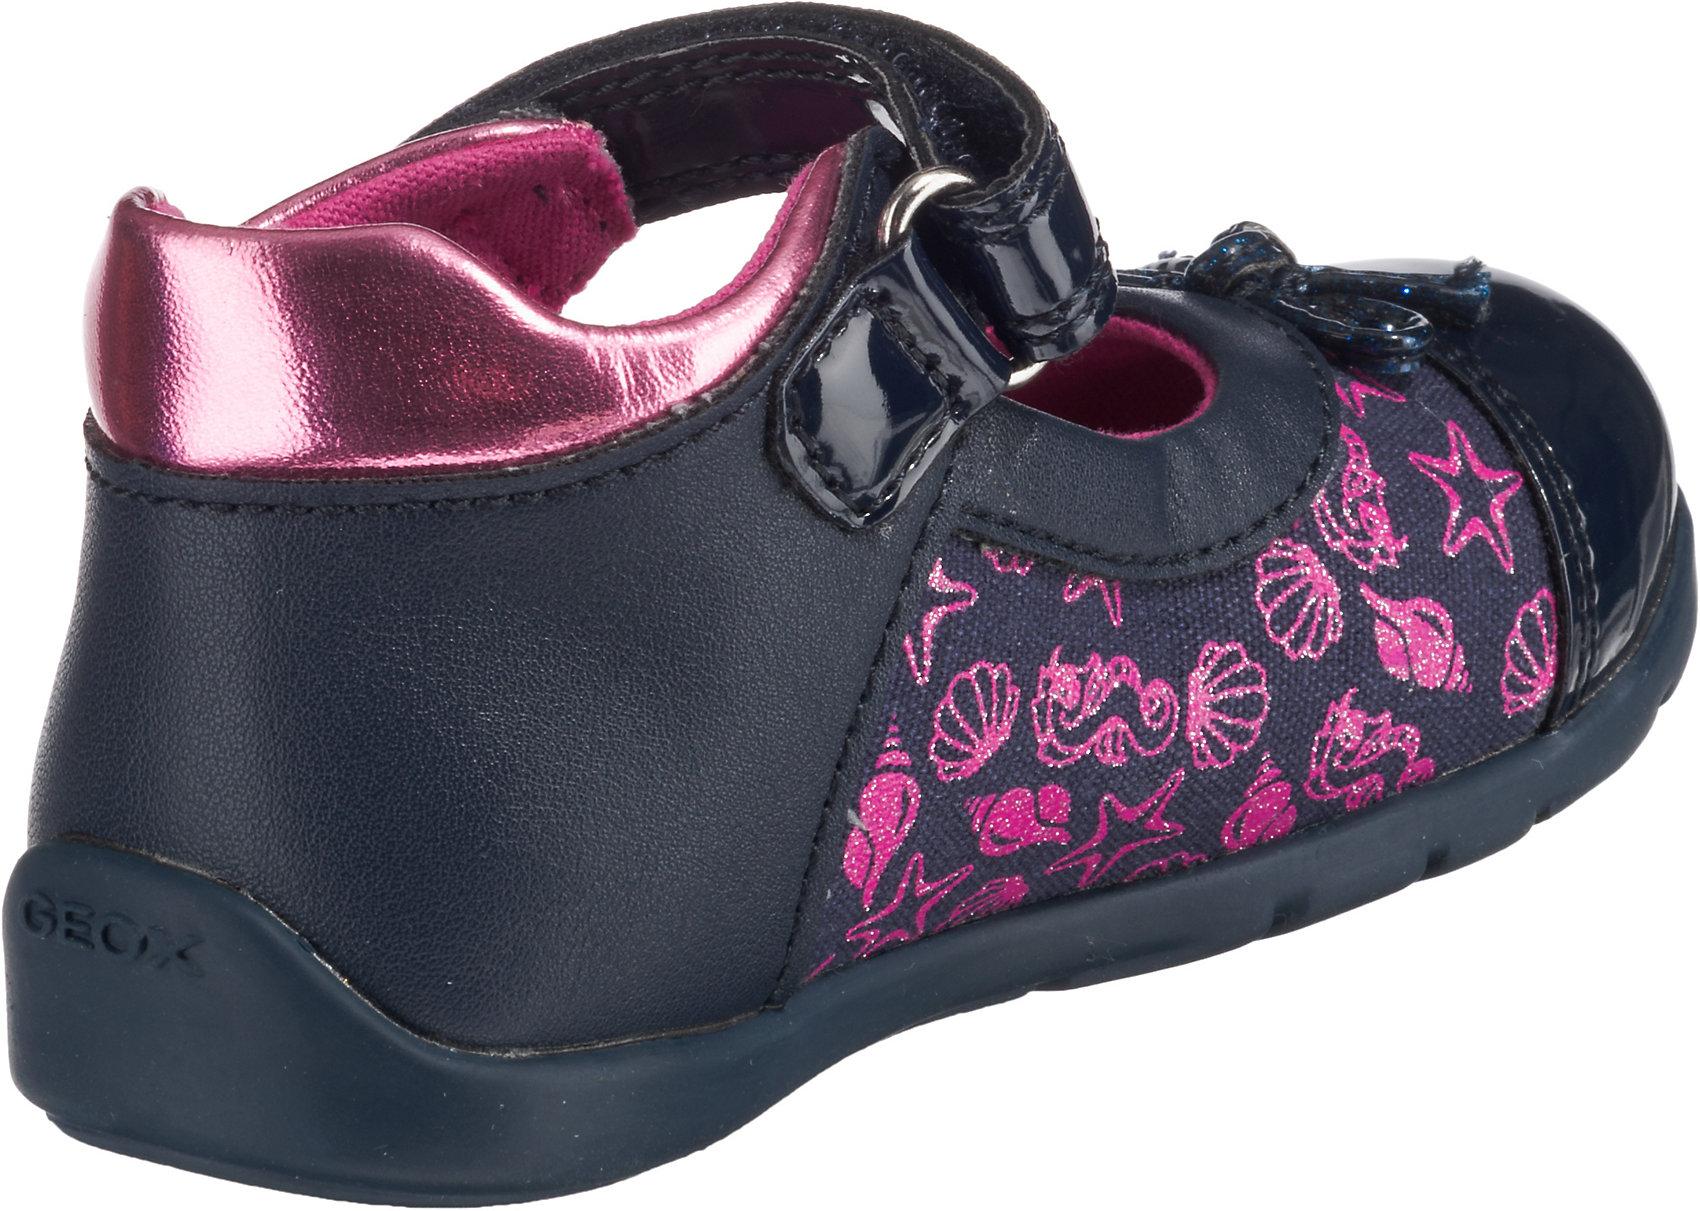 Details zu Neu GEOX Baby Ballerinas ELTHAN GIRL für Mädchen 10184756 für Mädchen